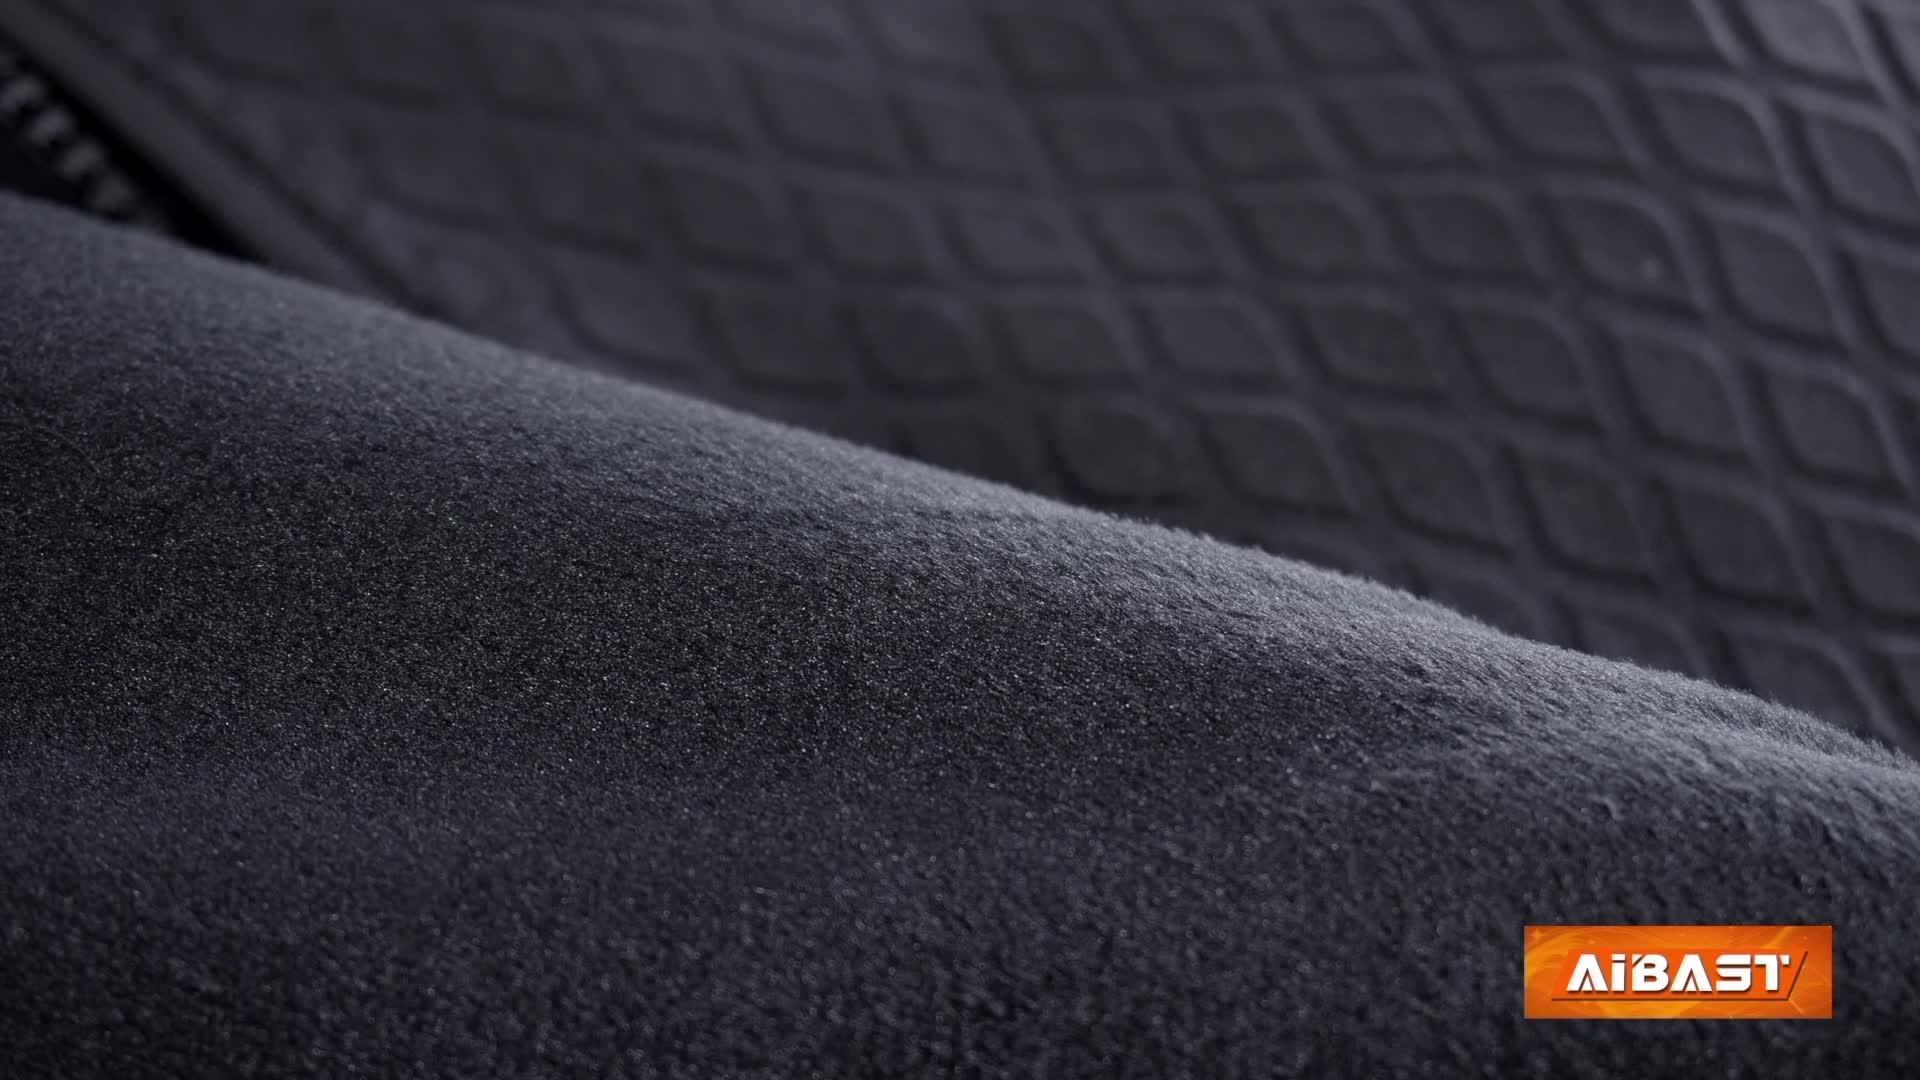 Mode de Charge USB 5 Zones de Chauffage V/êtements Chauffants Confortables Lavable avec Chauffage Rapide AiBast Gilet Chauffant sans Batterie Ext/érieur Gilet Chauffant